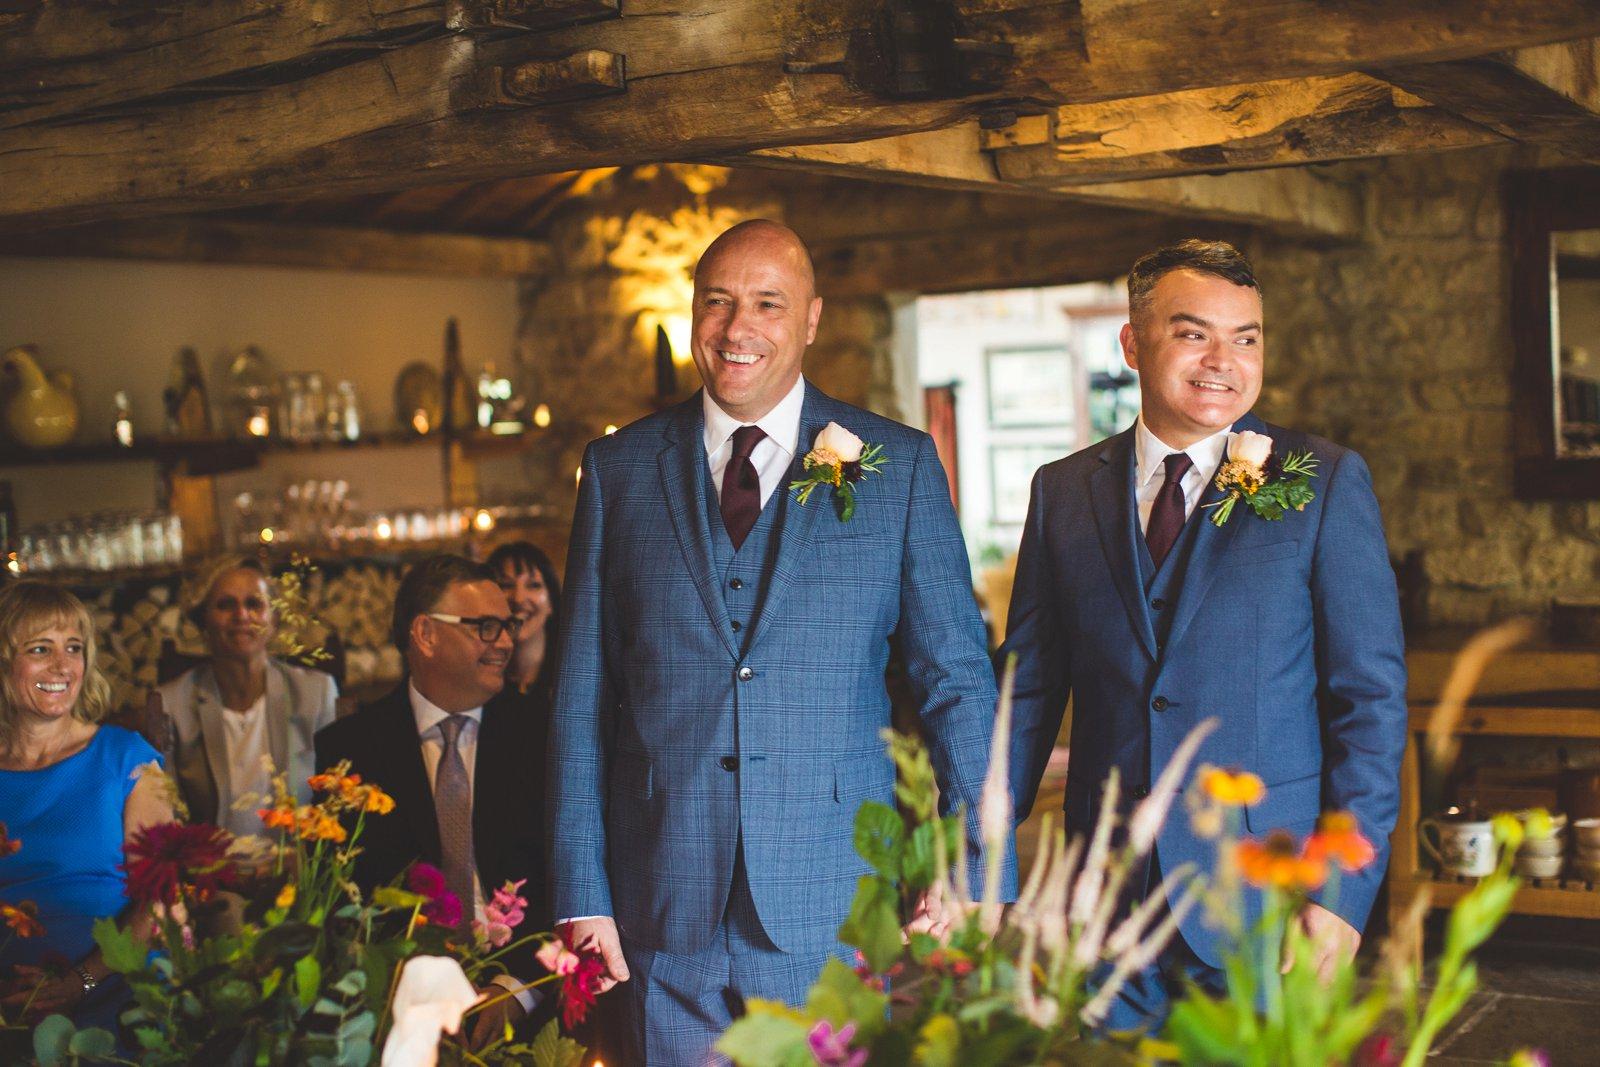 gay wedding suit